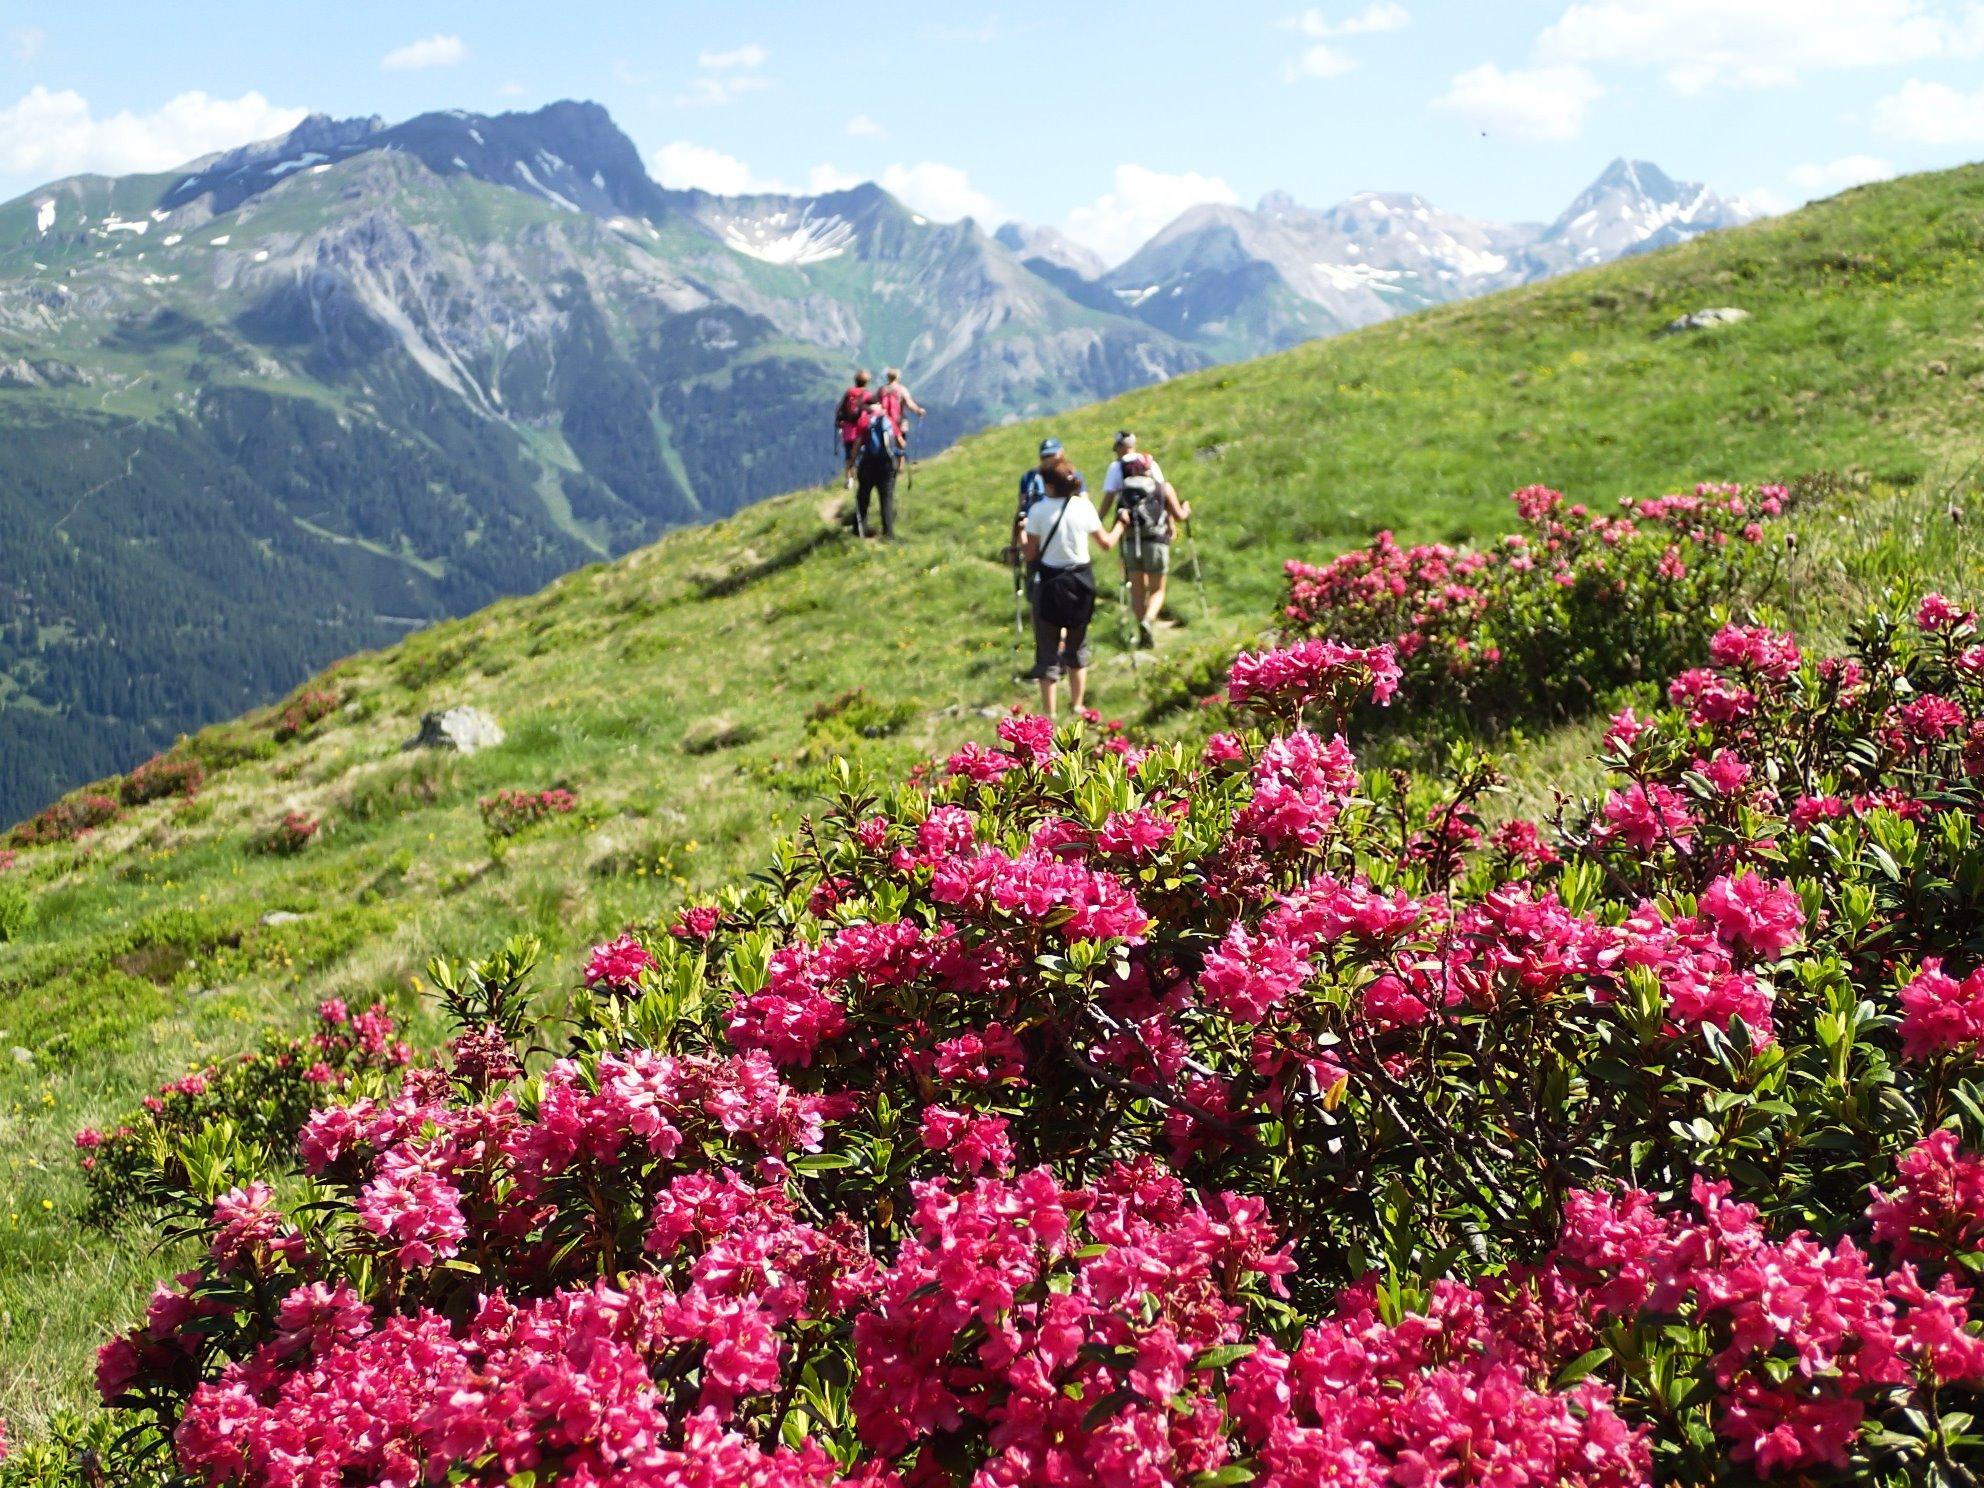 アルペンローゼが咲き誇るトレイルをハイキング(4日目)